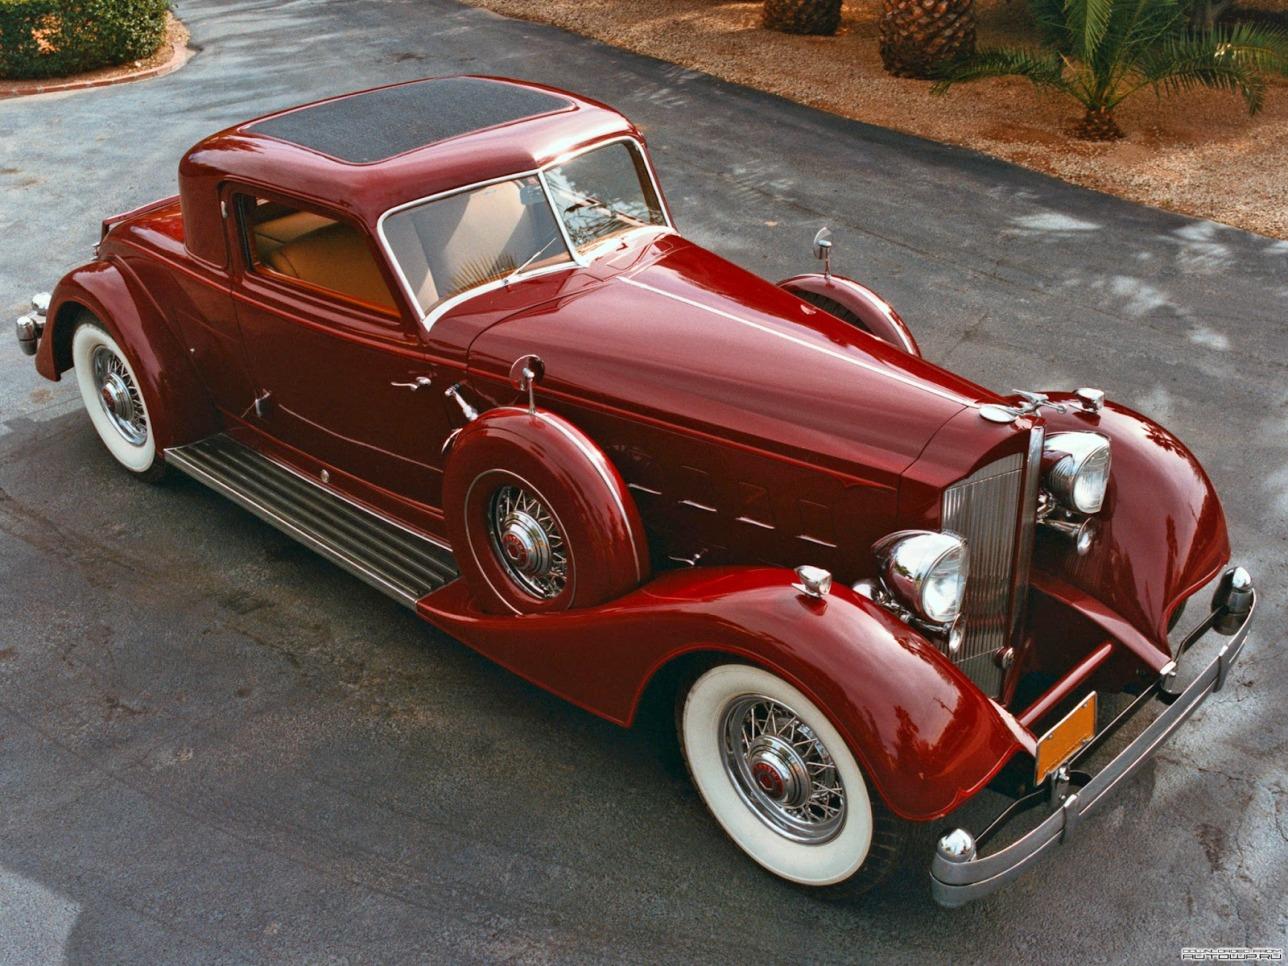 https://disaffectedmusings.files.wordpress.com/2019/02/d7d57-packard-twelve-sport-coupe-dietrich-1933.jpg